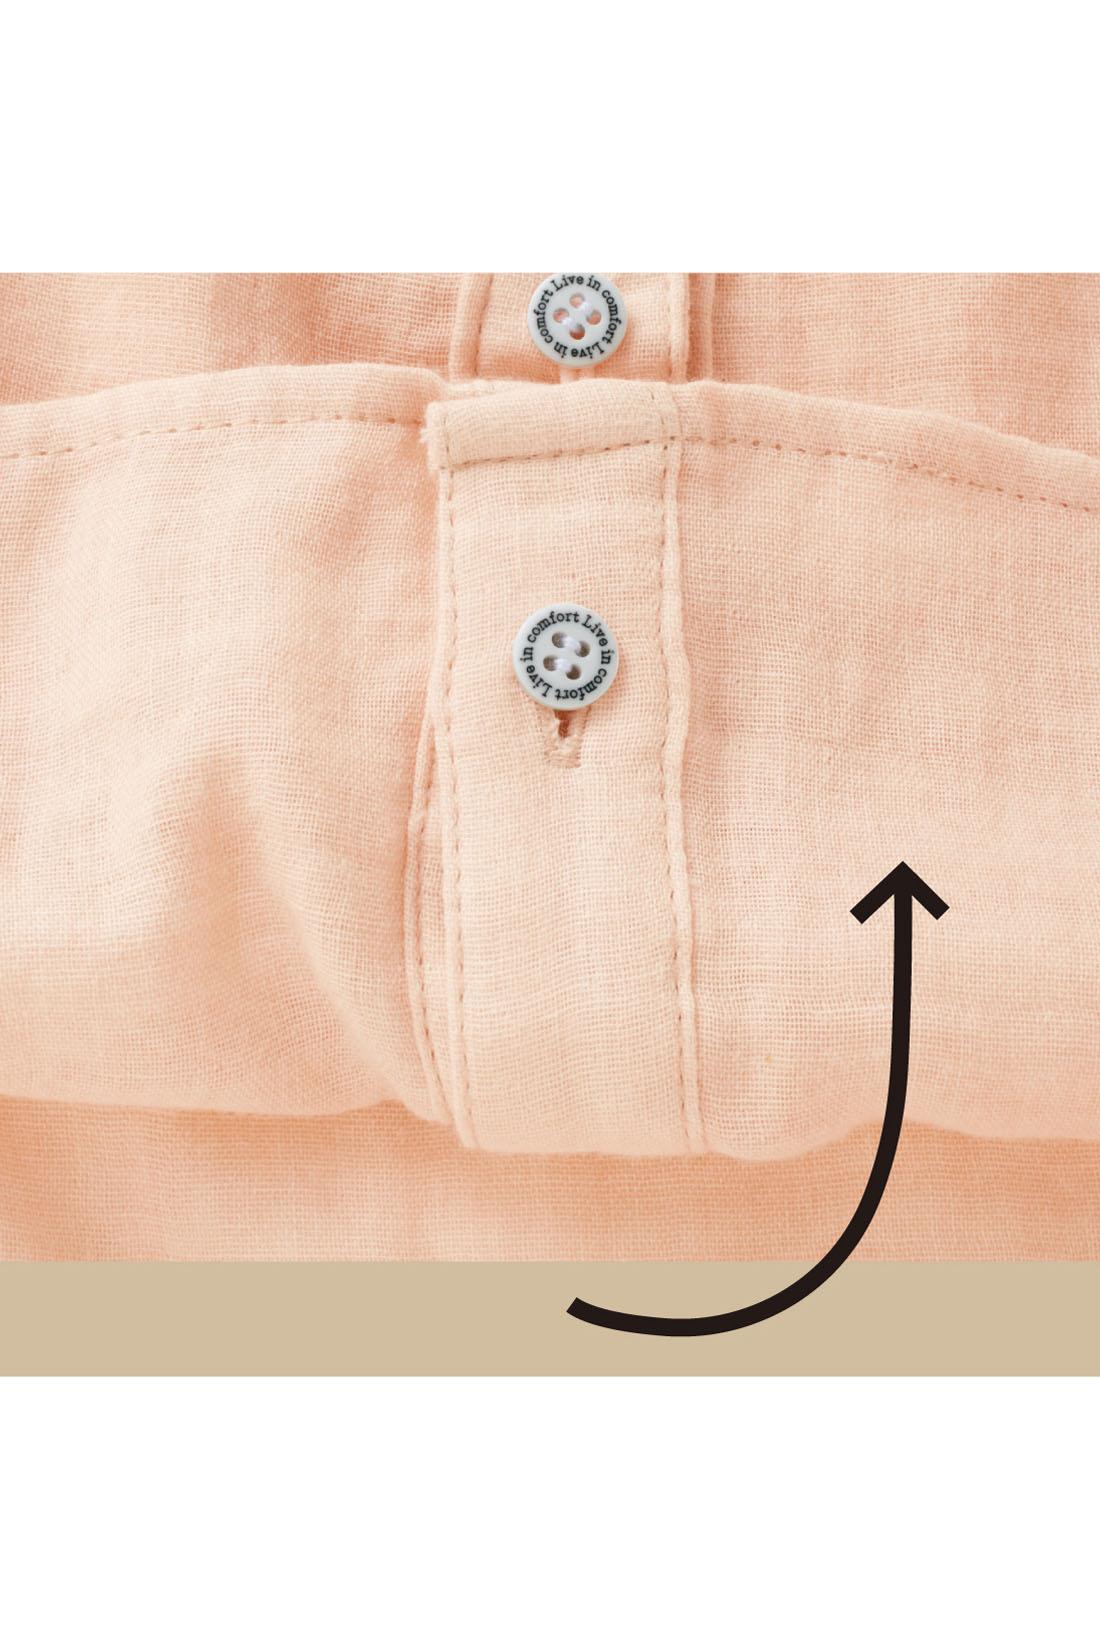 裏側のボタンを留めるとフロントイン風に見えるロールアップボタン付き。ウエストまわりがもたつかずノンストレス。